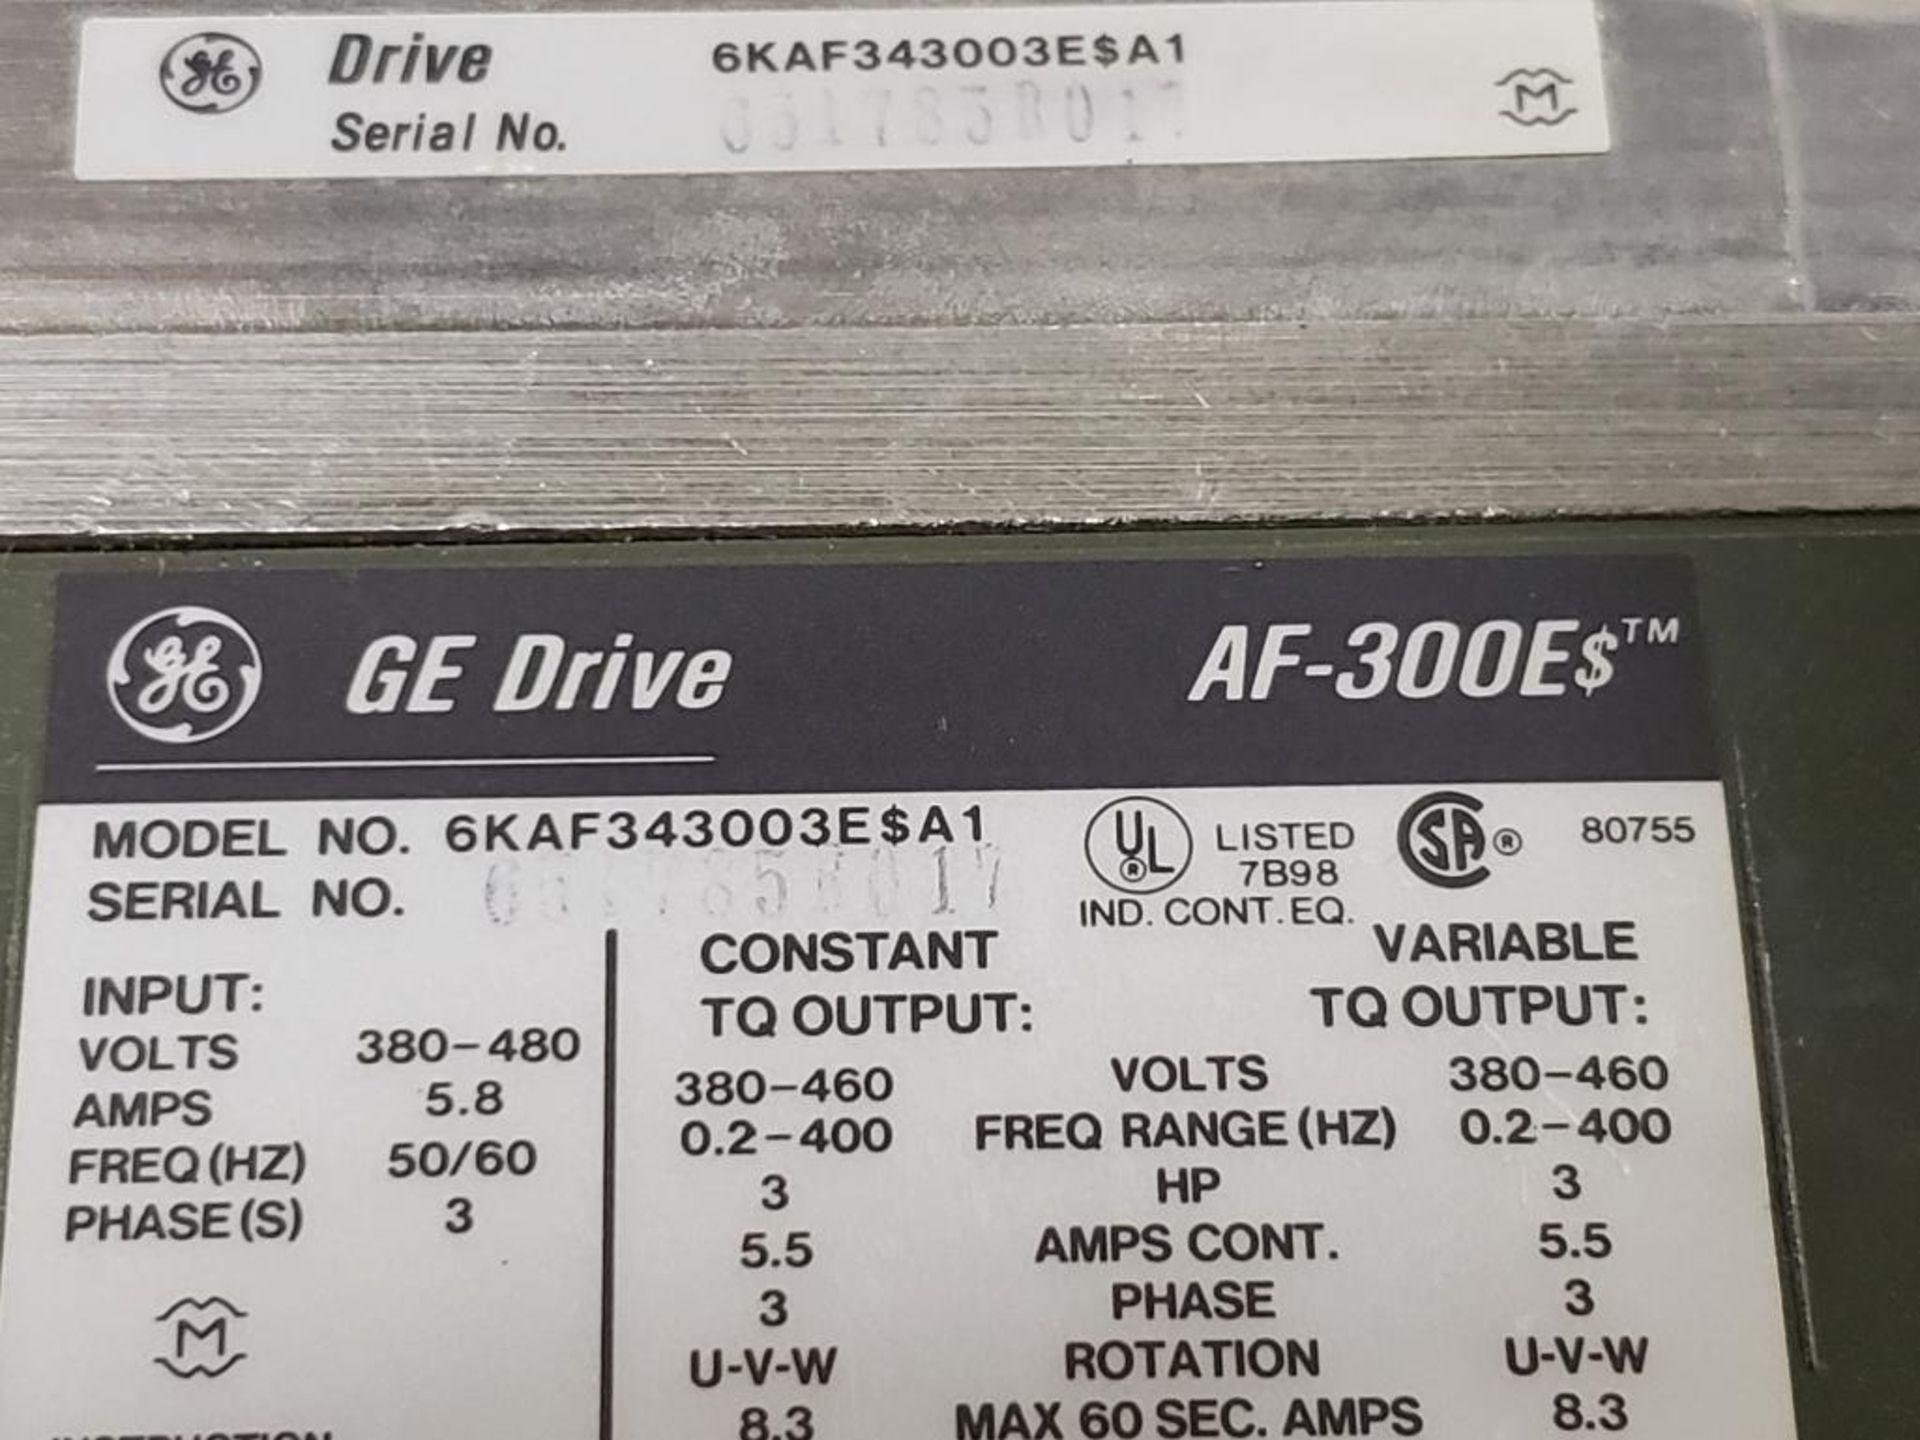 GE AF-300E$ Drive. 6KAF343003E$A1. - Image 5 of 6